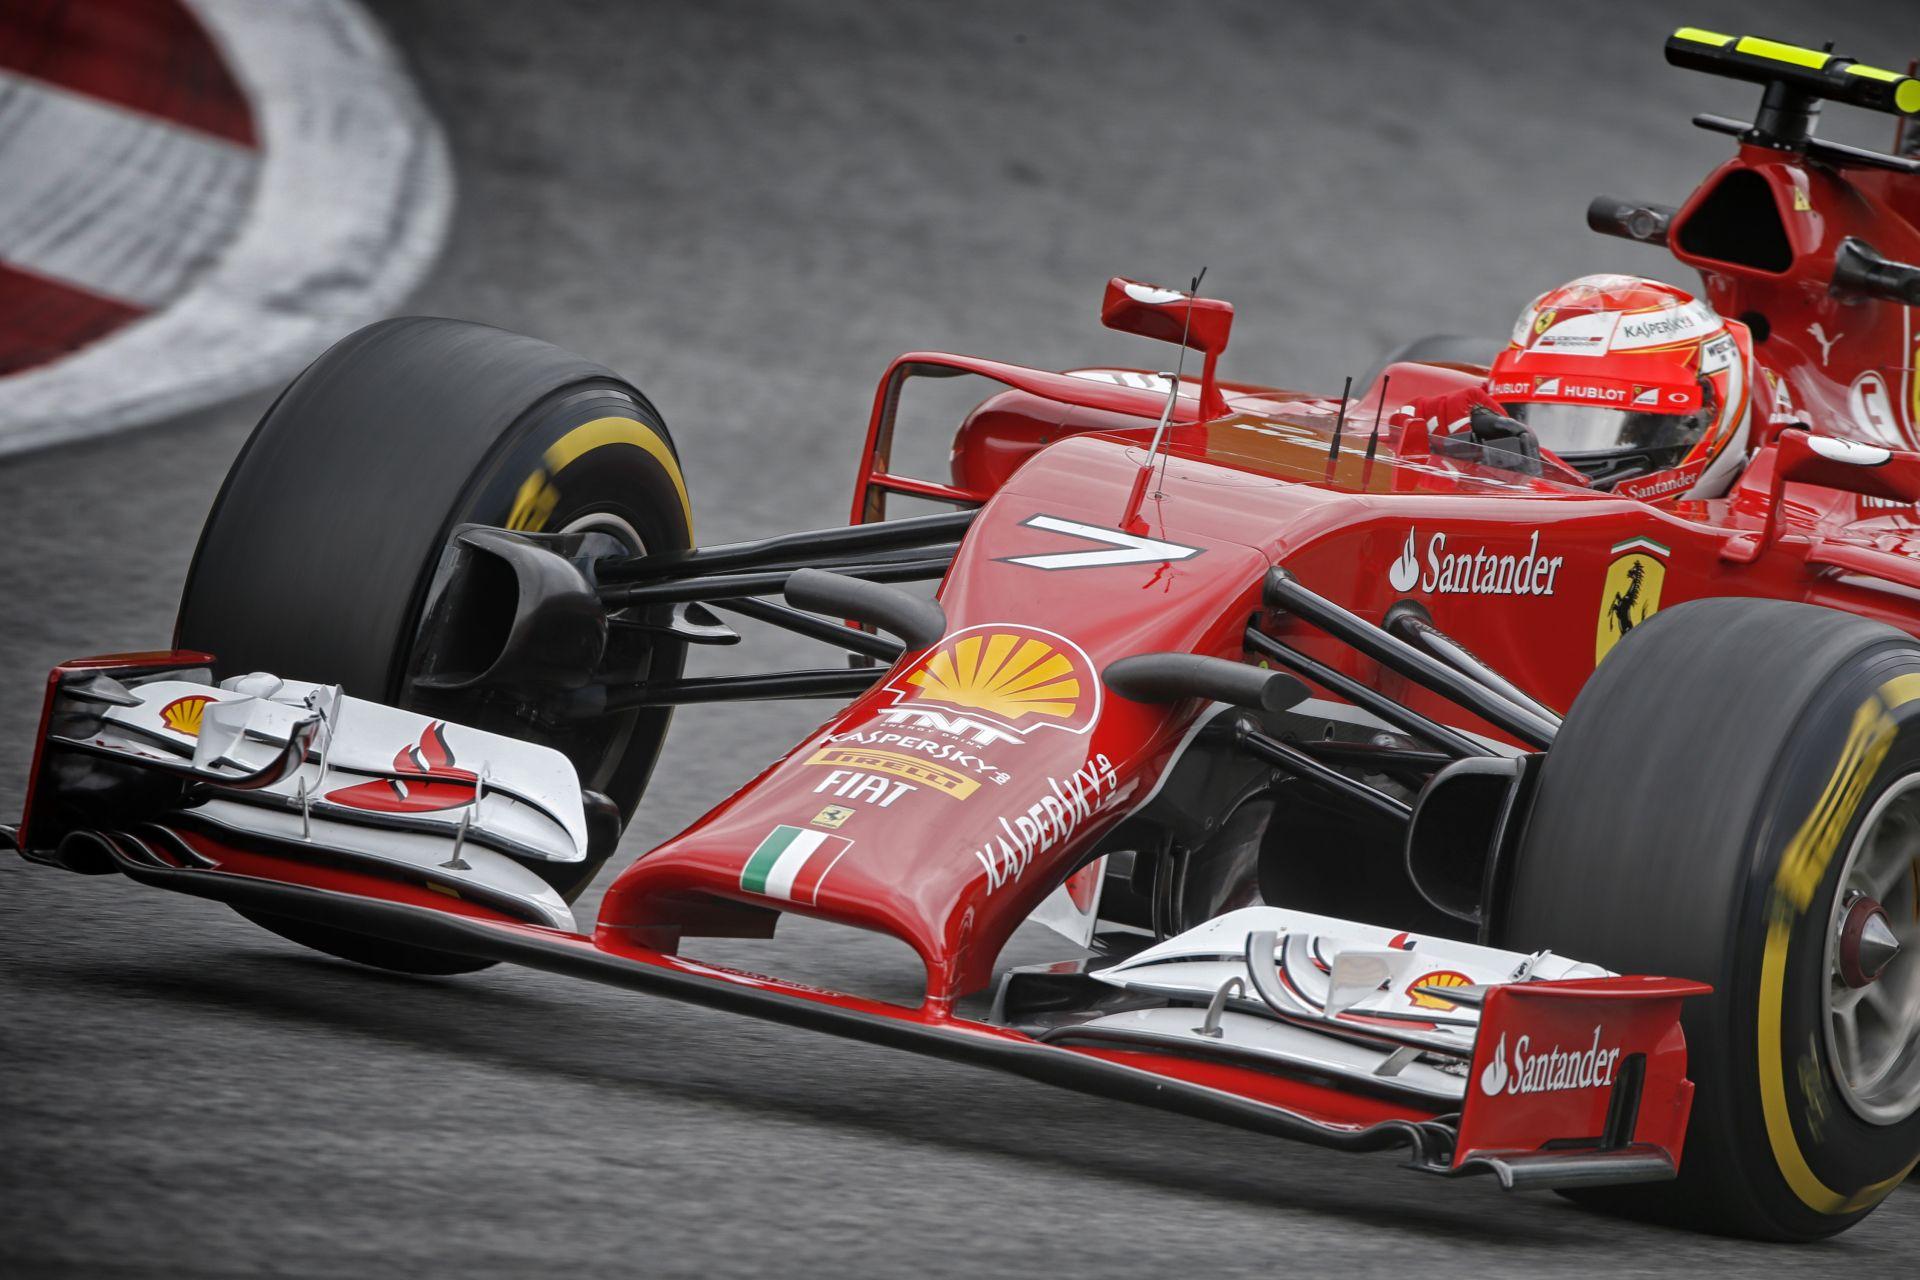 Levezető kör: Élő-képes rádiós adással jelentkezik az F1-live.hu! 18:00-20:00! Mi lesz veled Raikkönen és Button?